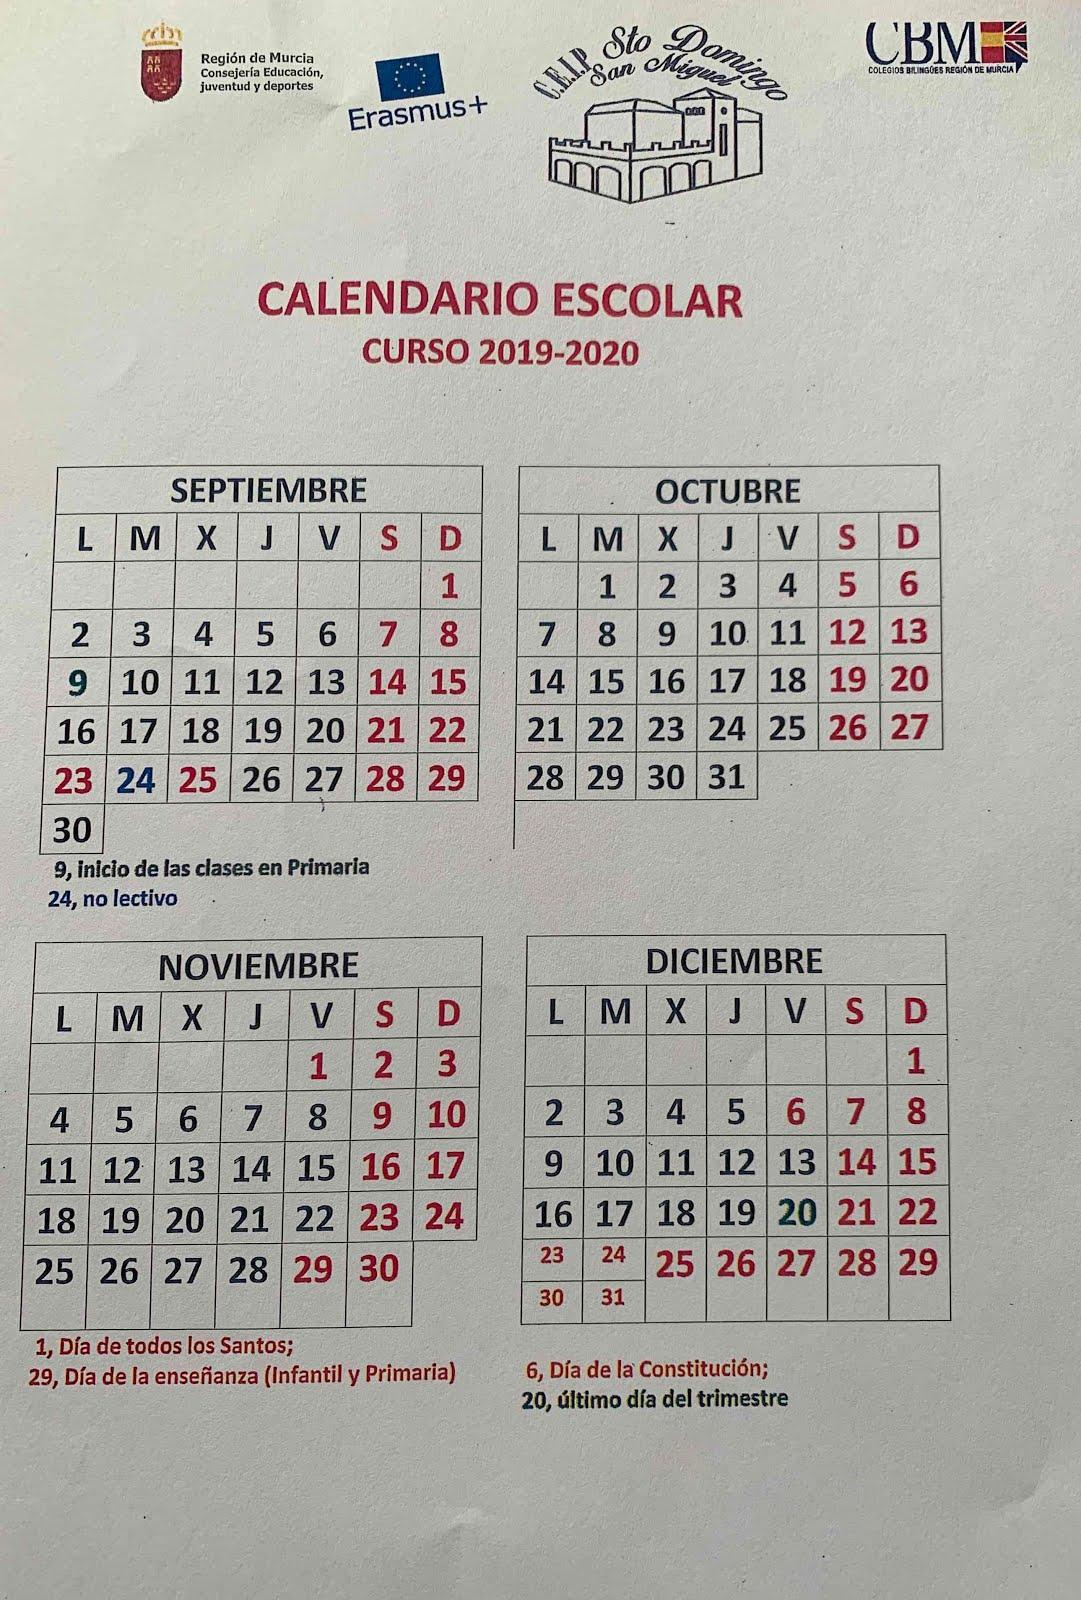 CALENDARIO 2019/20